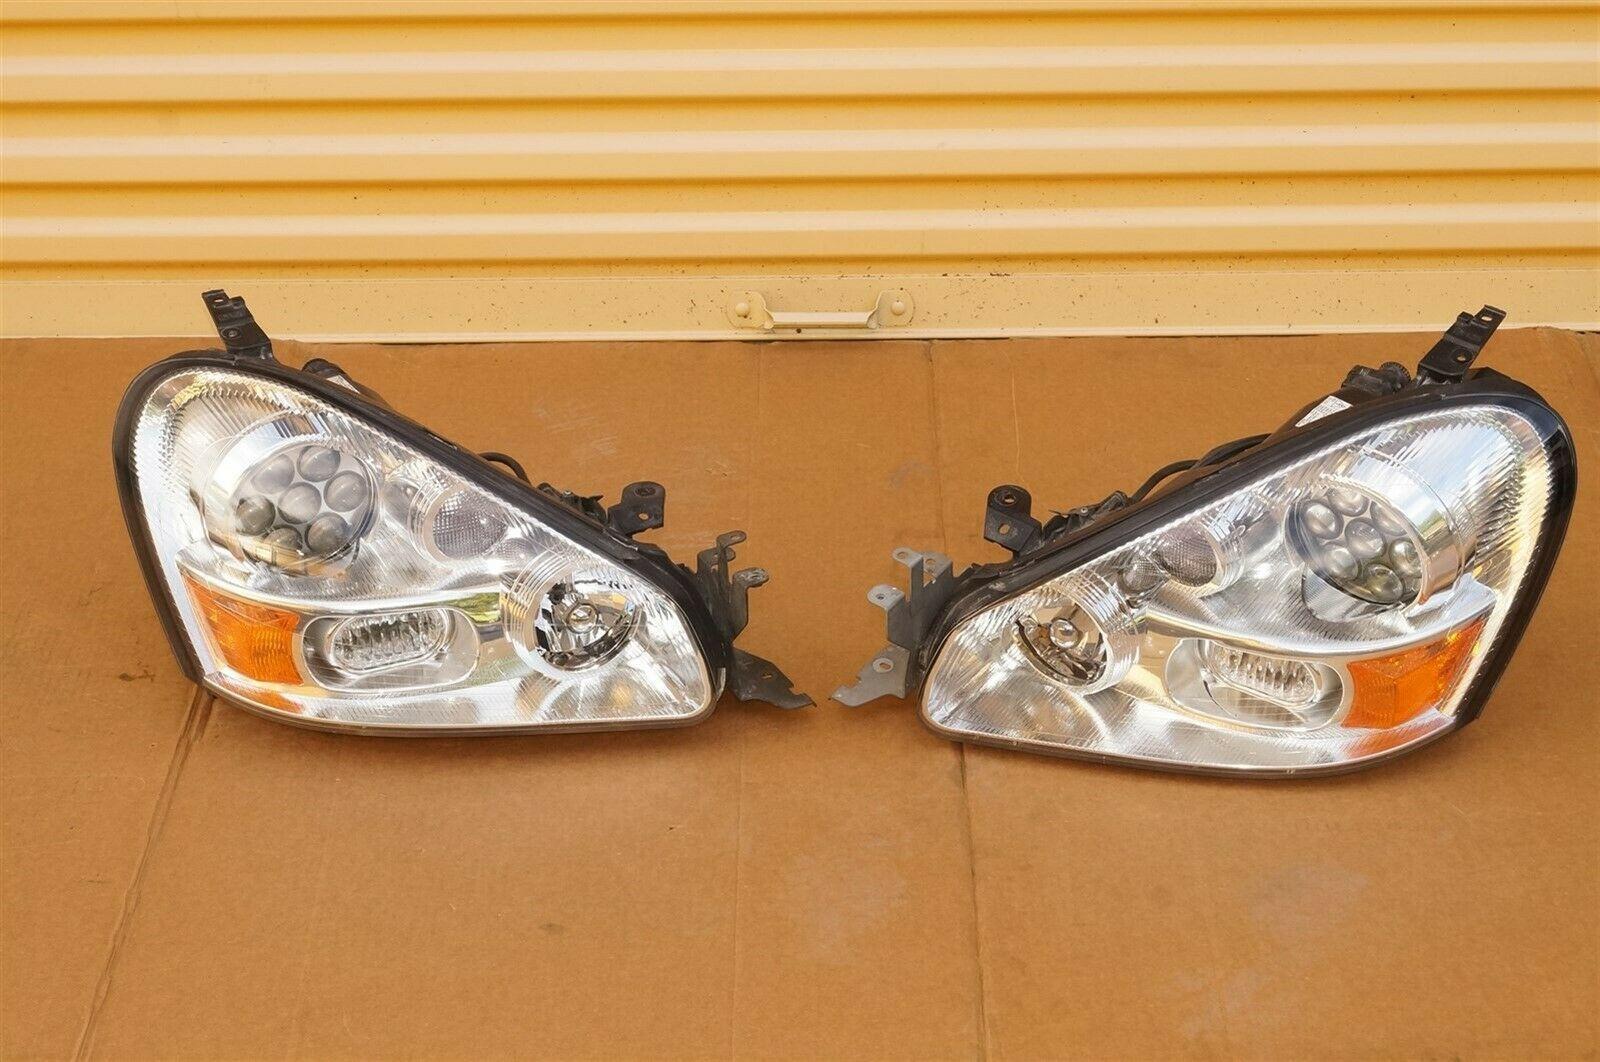 05-06 Infiniti Q45 F50 HID XENON HeadLight Lamps Set L&R